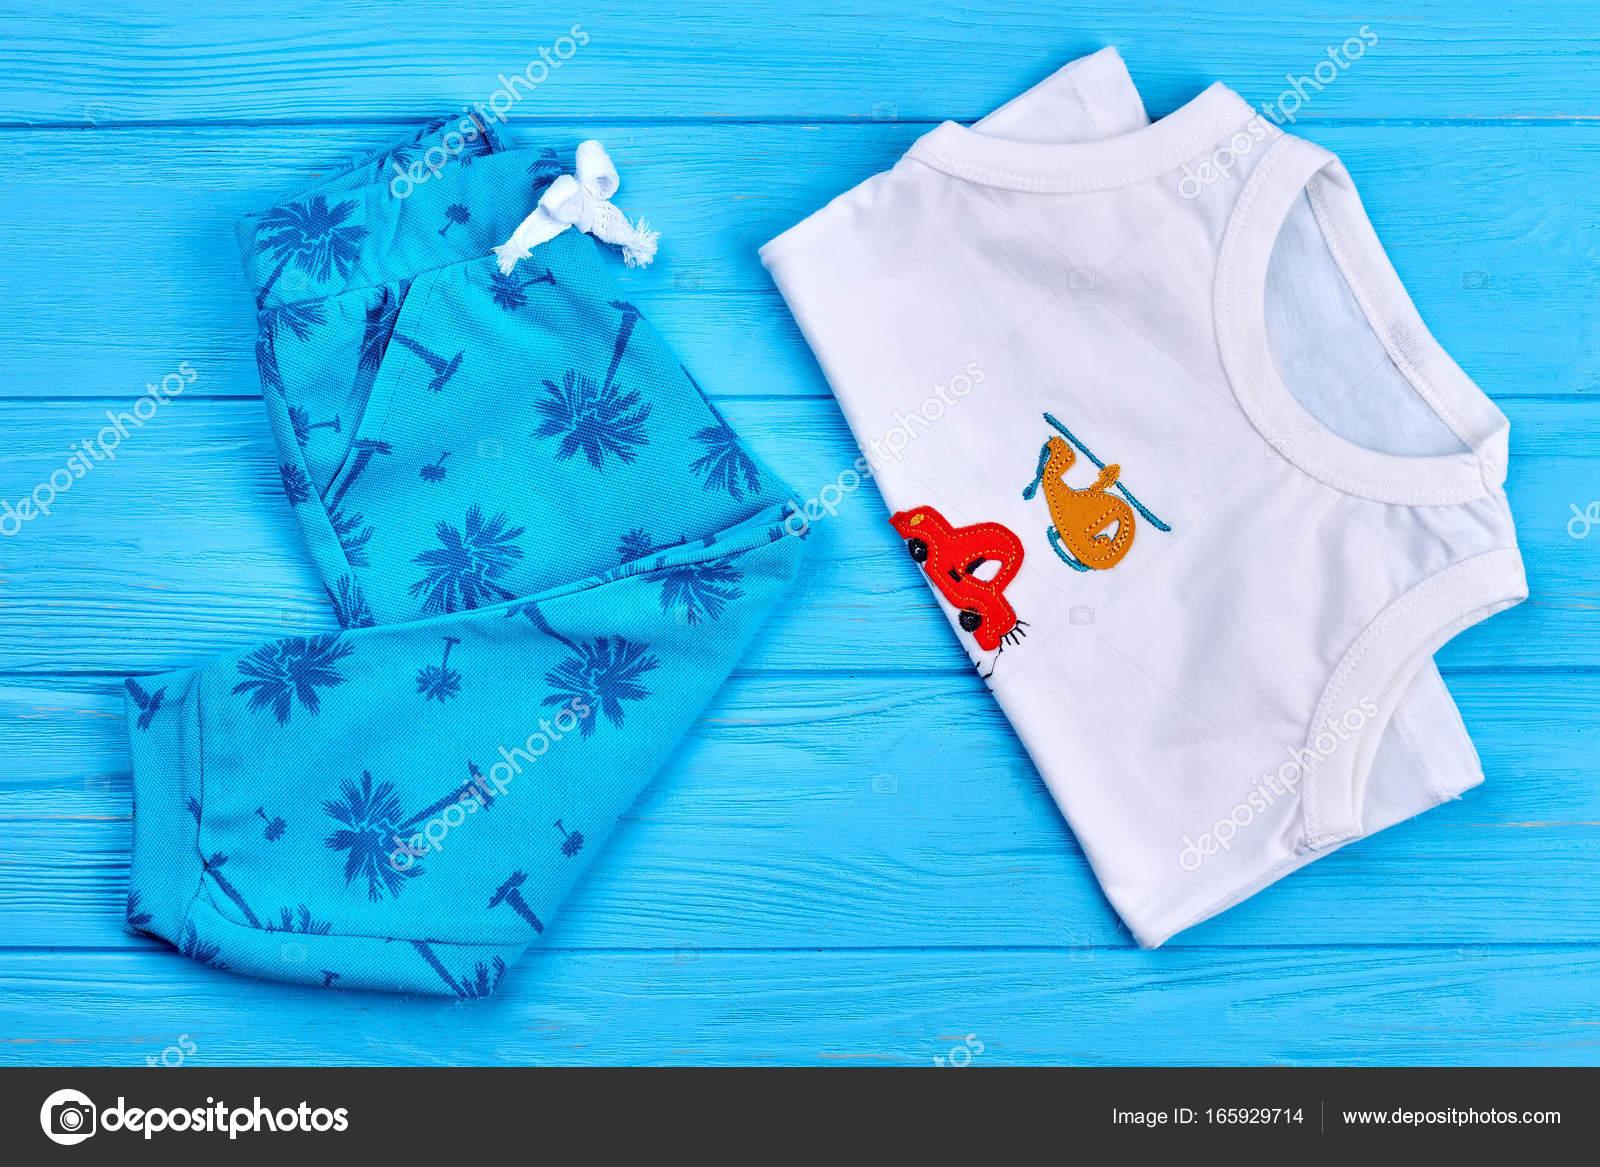 fbe27f1f3a25 Νέα παιδιά καλοκαίρι βαμβακερά ρούχα — Φωτογραφία Αρχείου ...